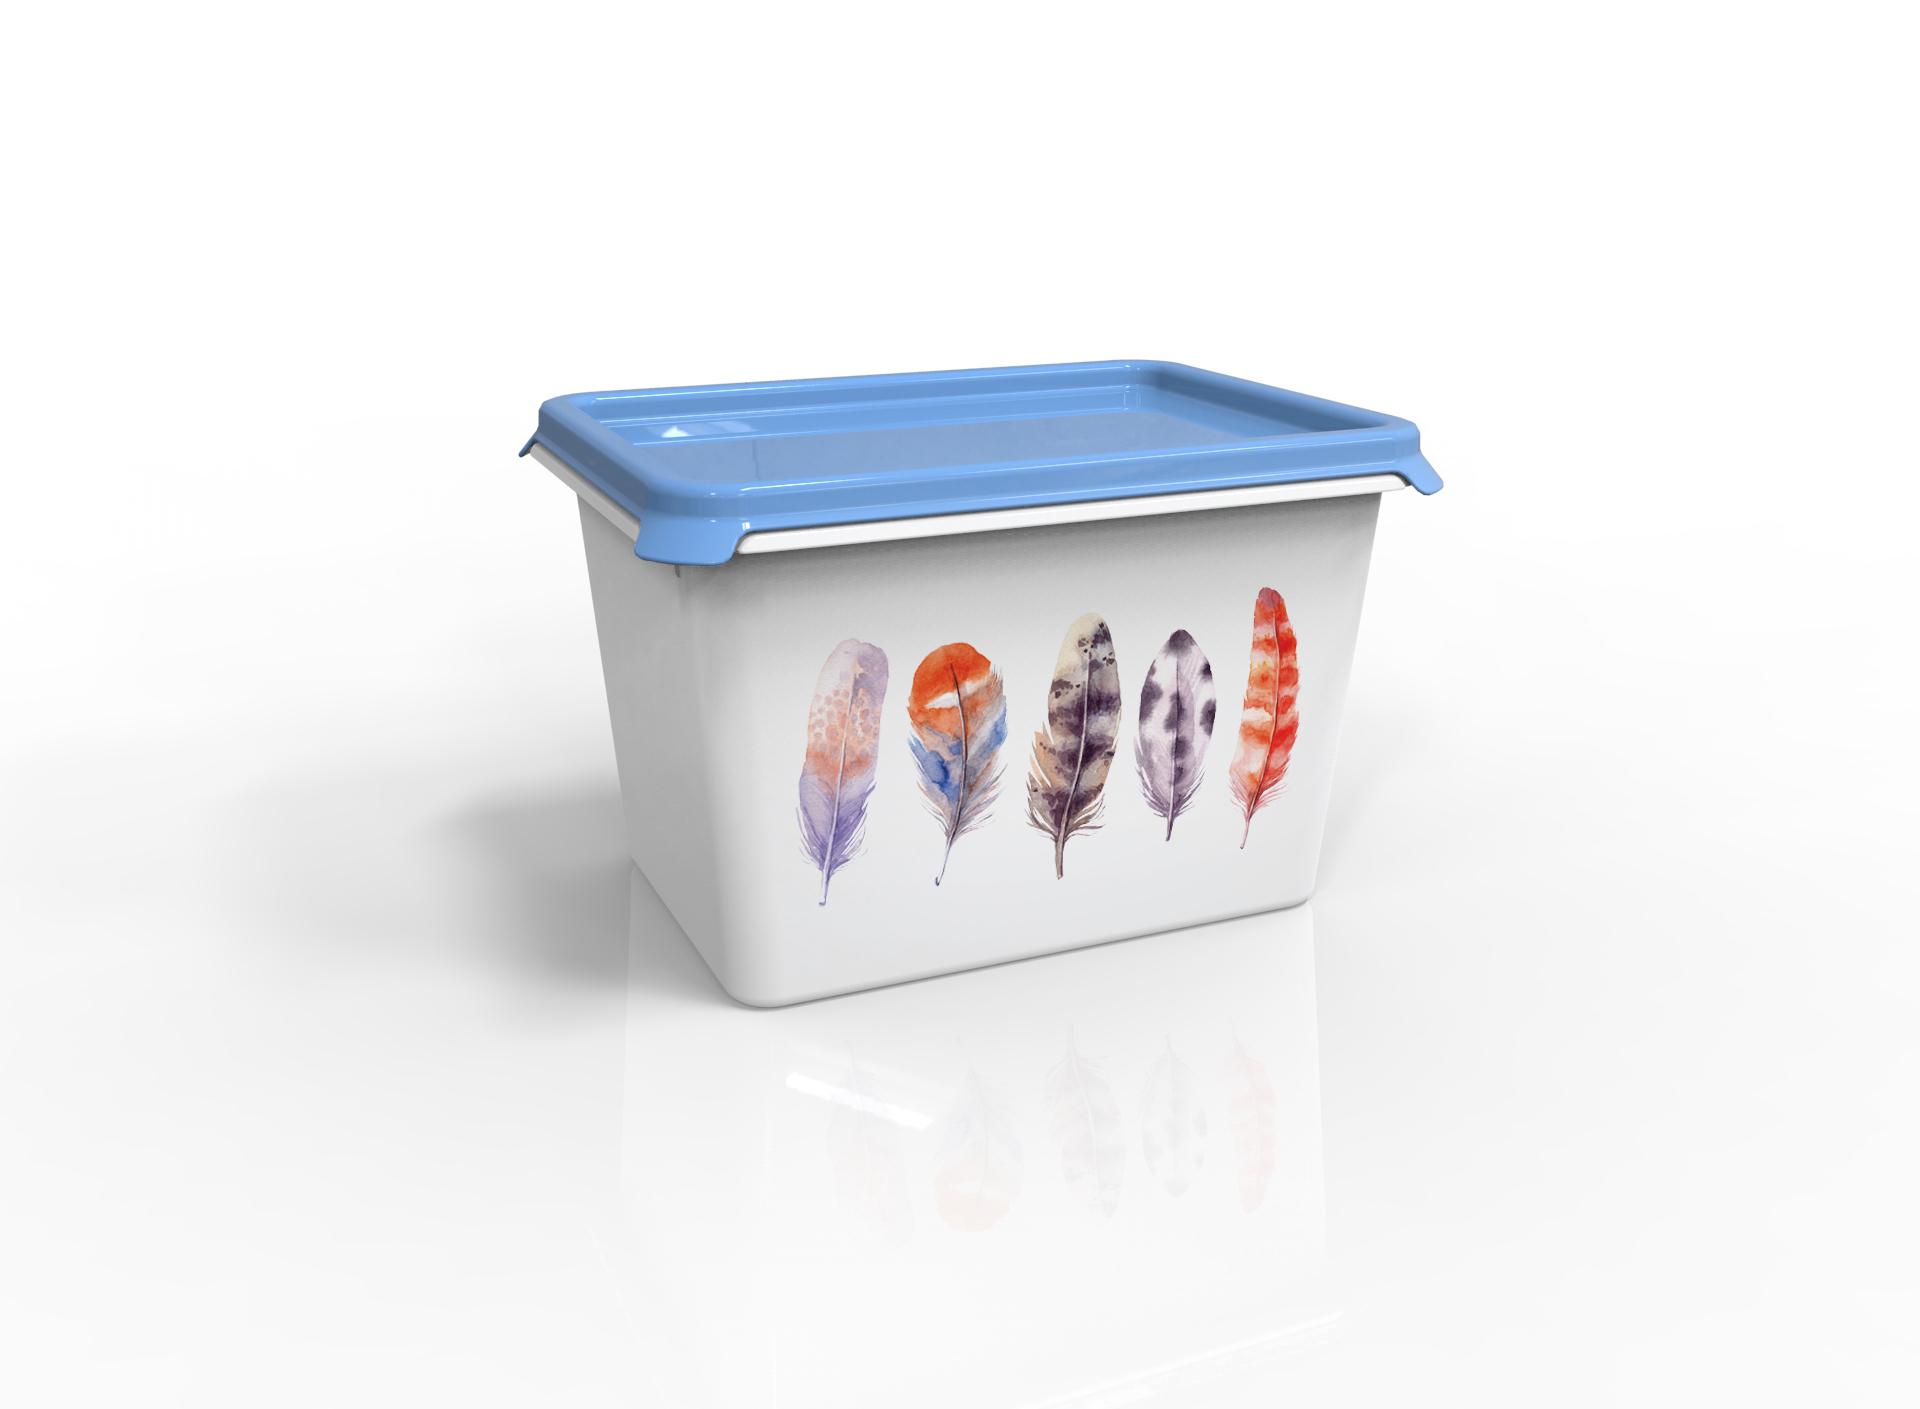 Контейнер для хранения вещей Berossi Serenity, голубой контейнер для хранения вещей berossi ик 54233000 слоновая кость